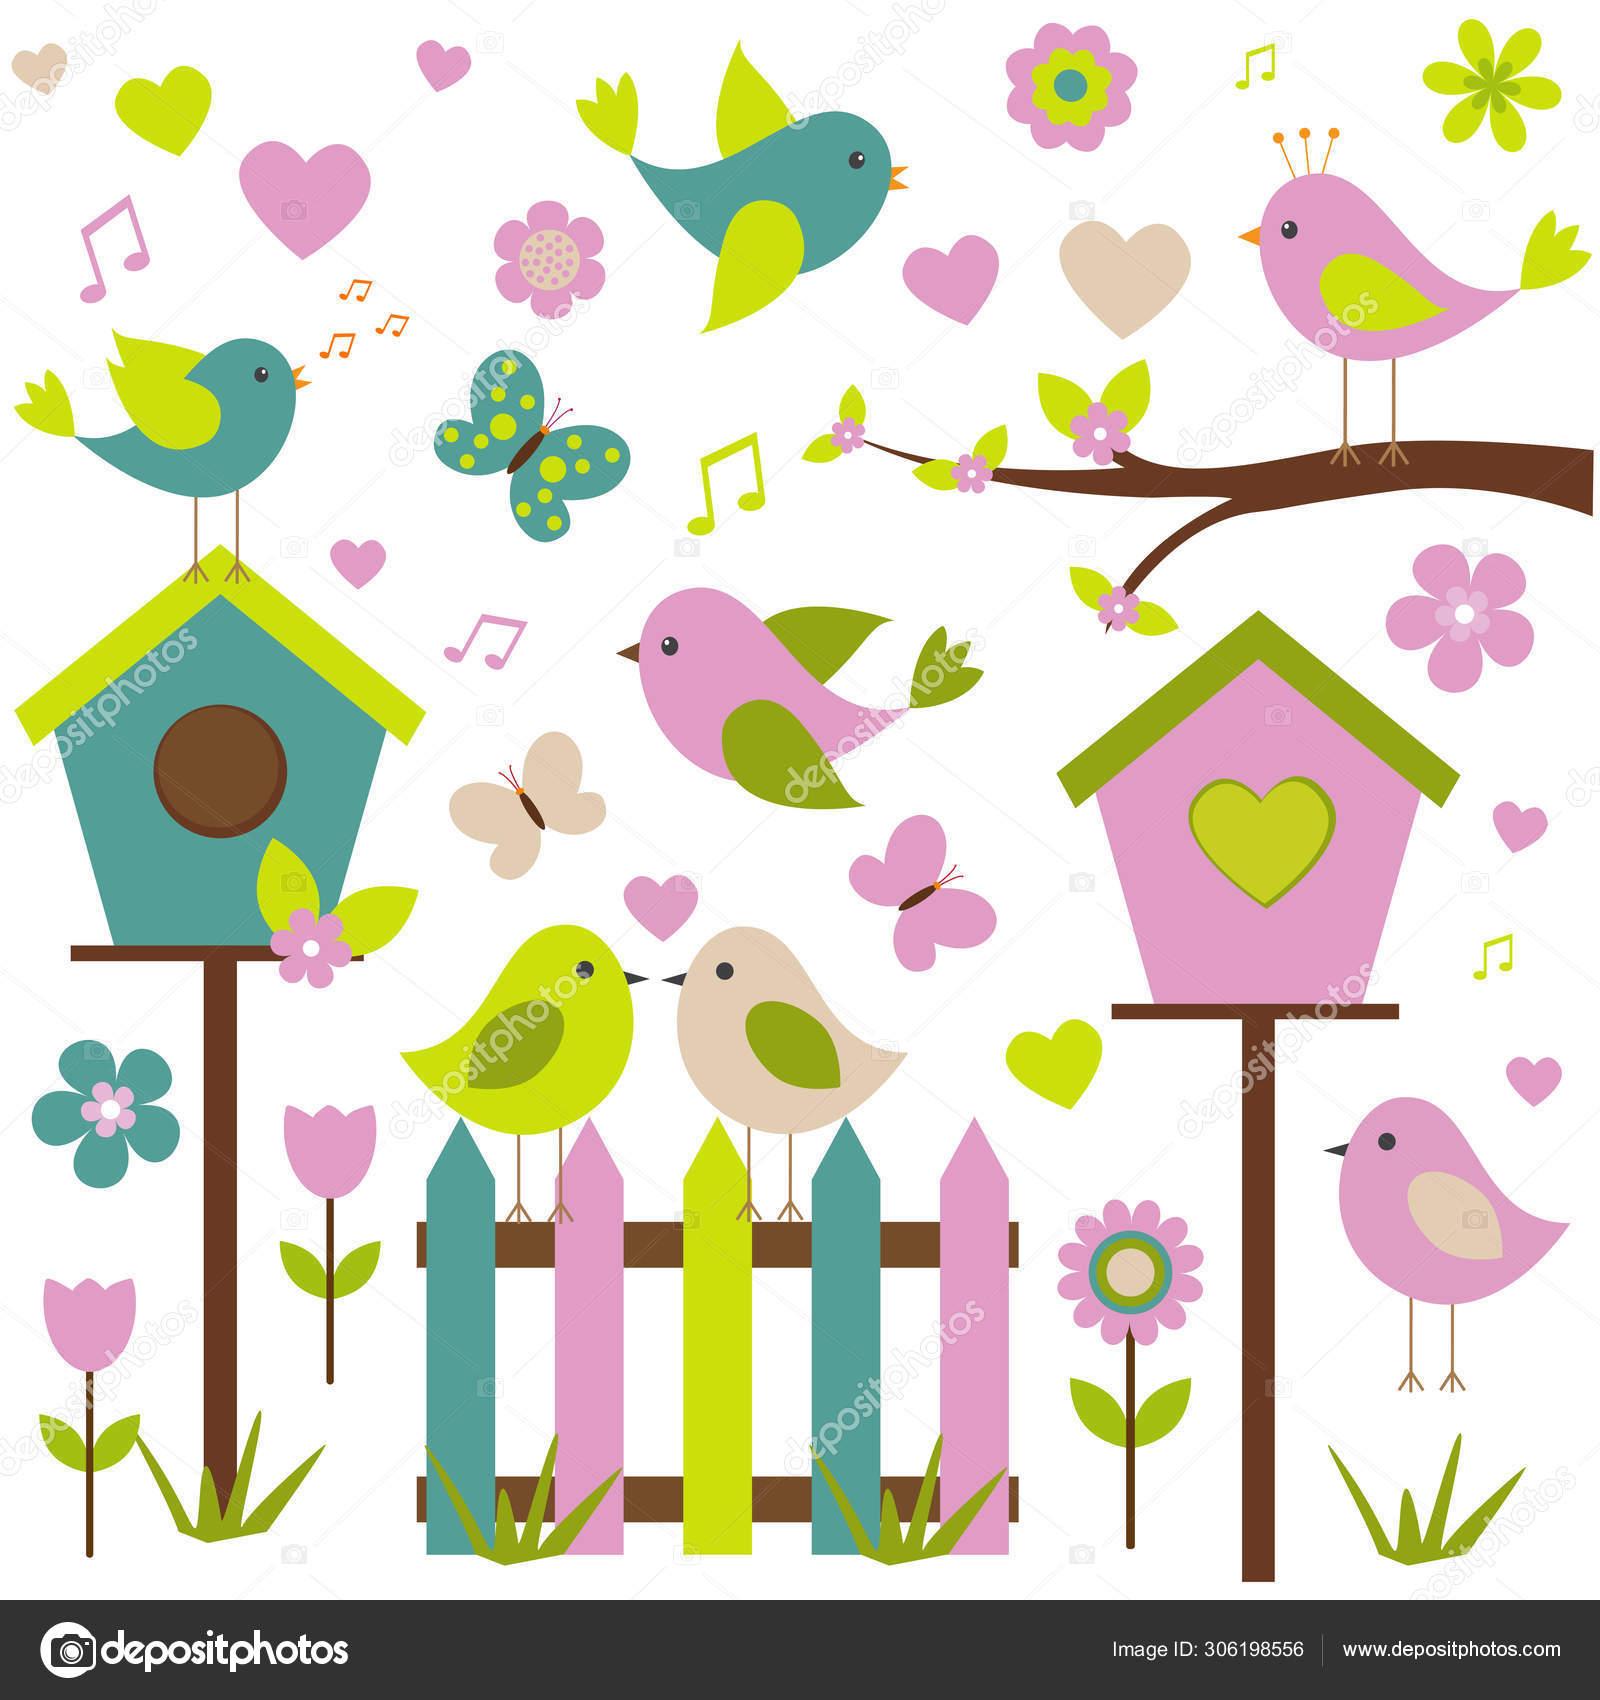 волоски весенние птицы картинки в векторе нашем секс-шопе